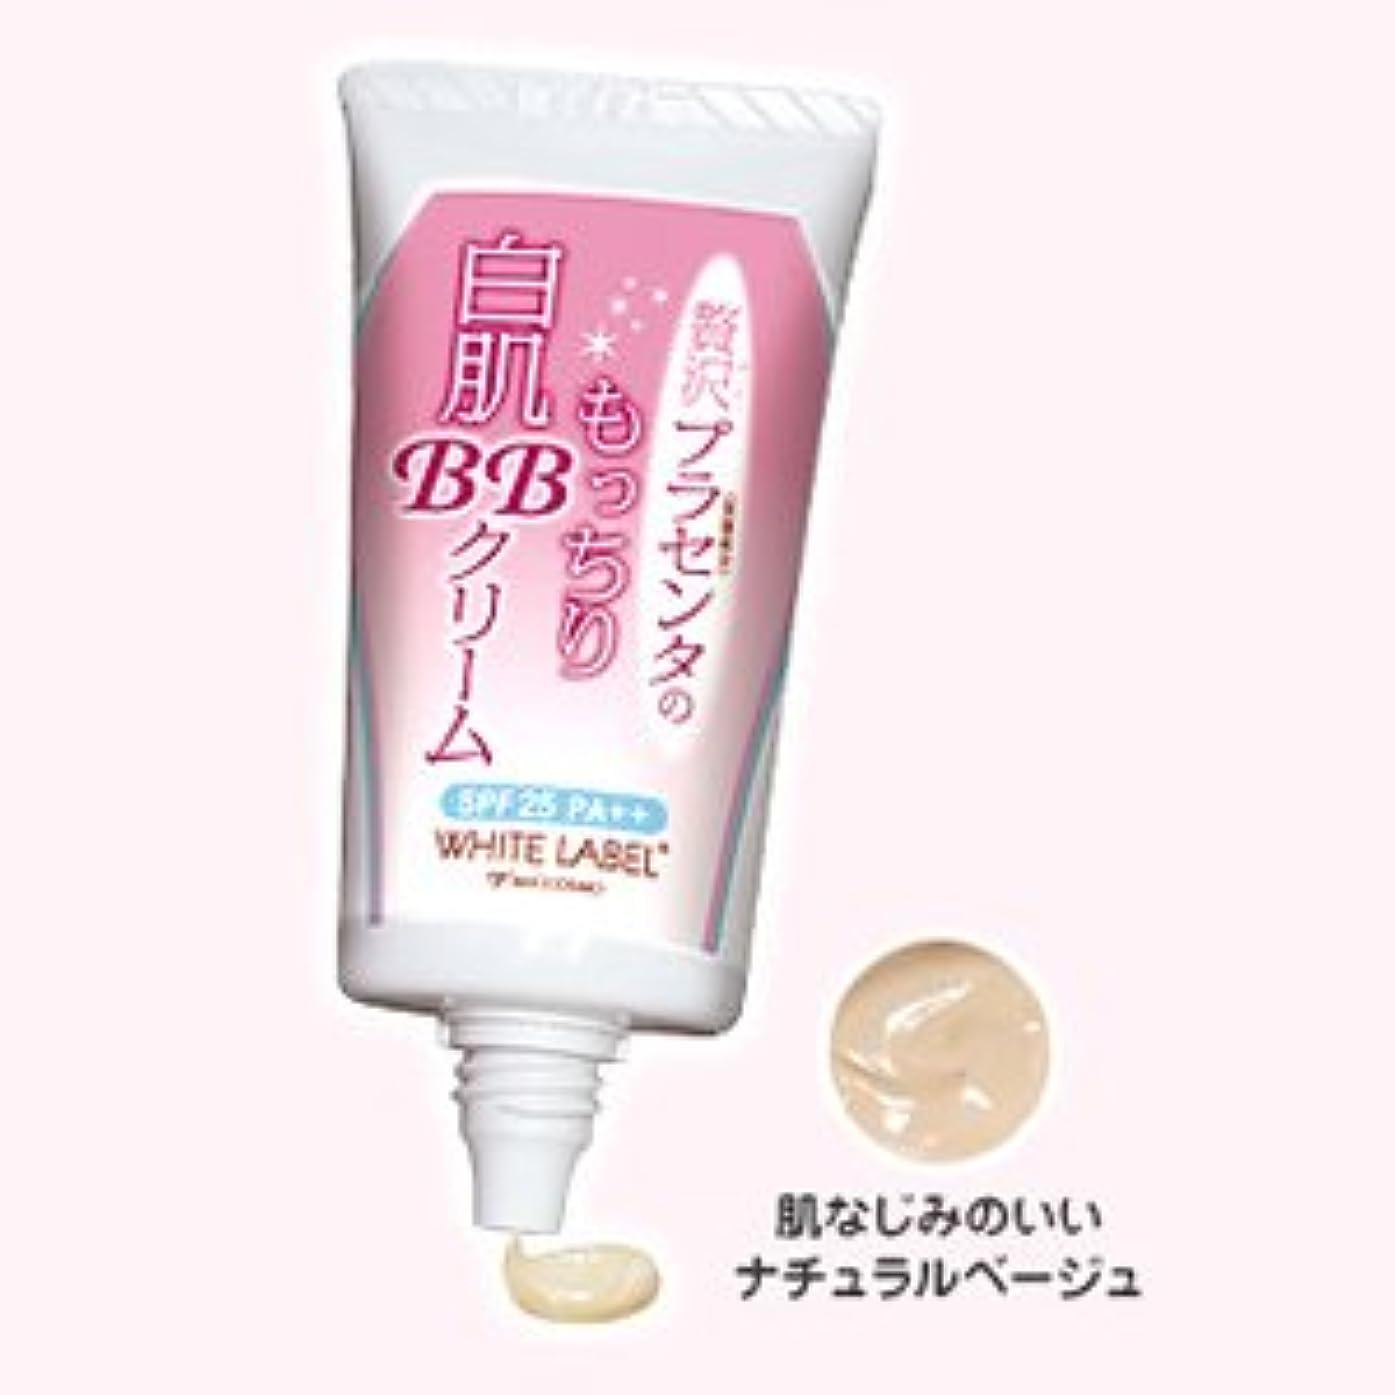 契約するバラエティ艶ホワイトラベル 贅沢プラセンタのもっちり白肌BBクリーム 28g 2個セット ※うすづきなのにシミを隠せる新感覚のBB!